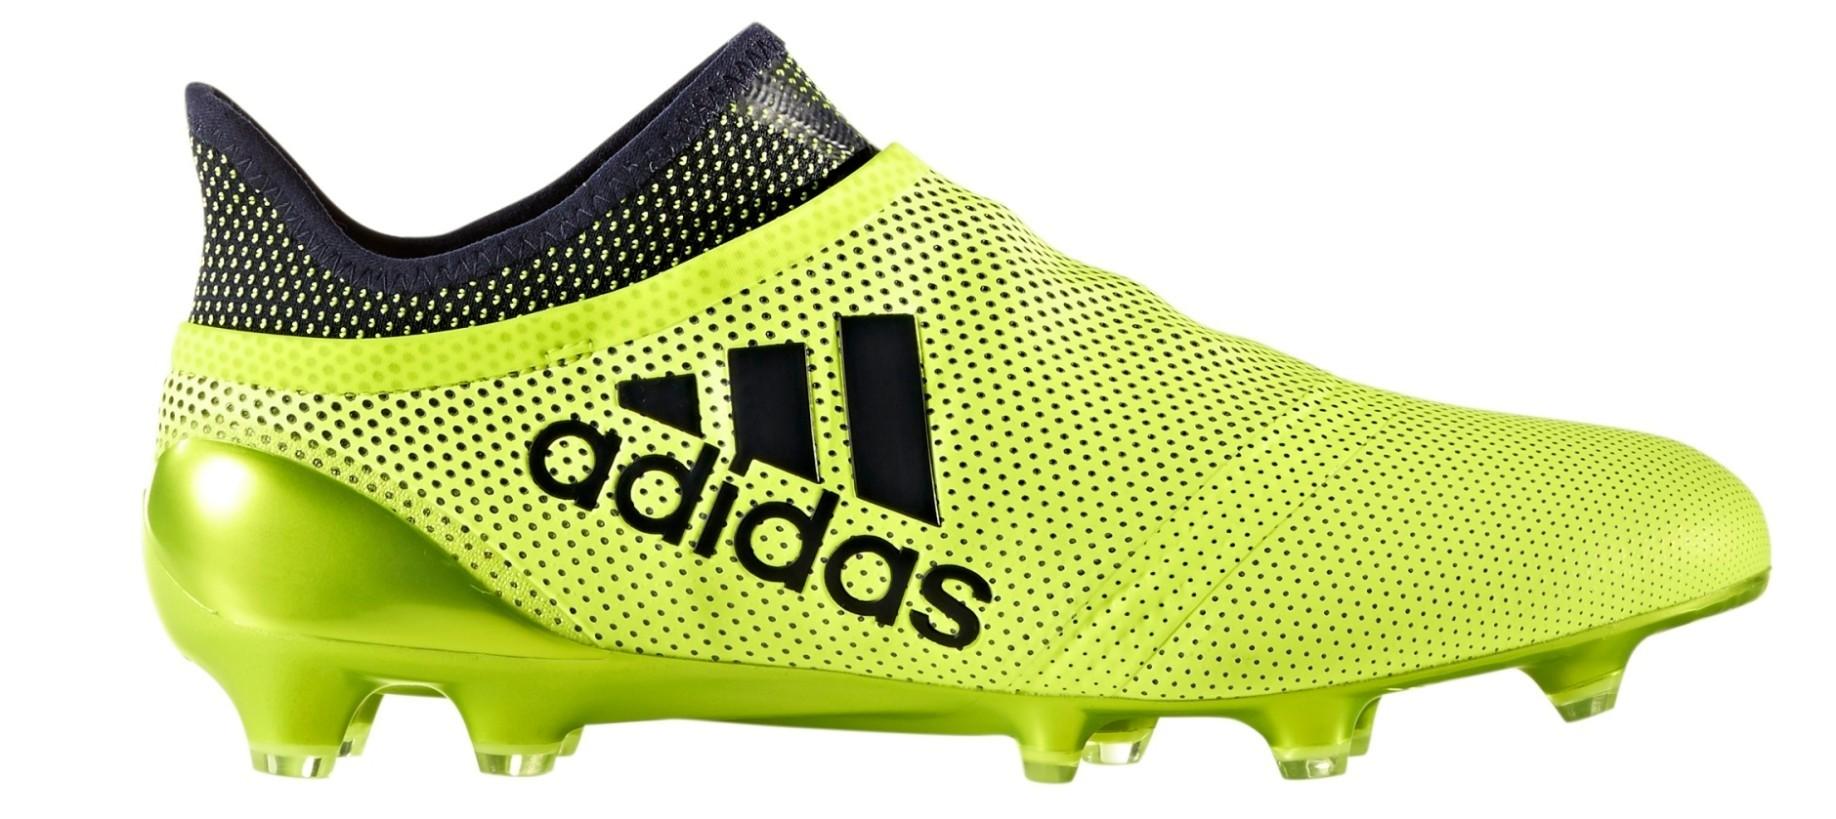 adidas nuove scarpe senza lacci